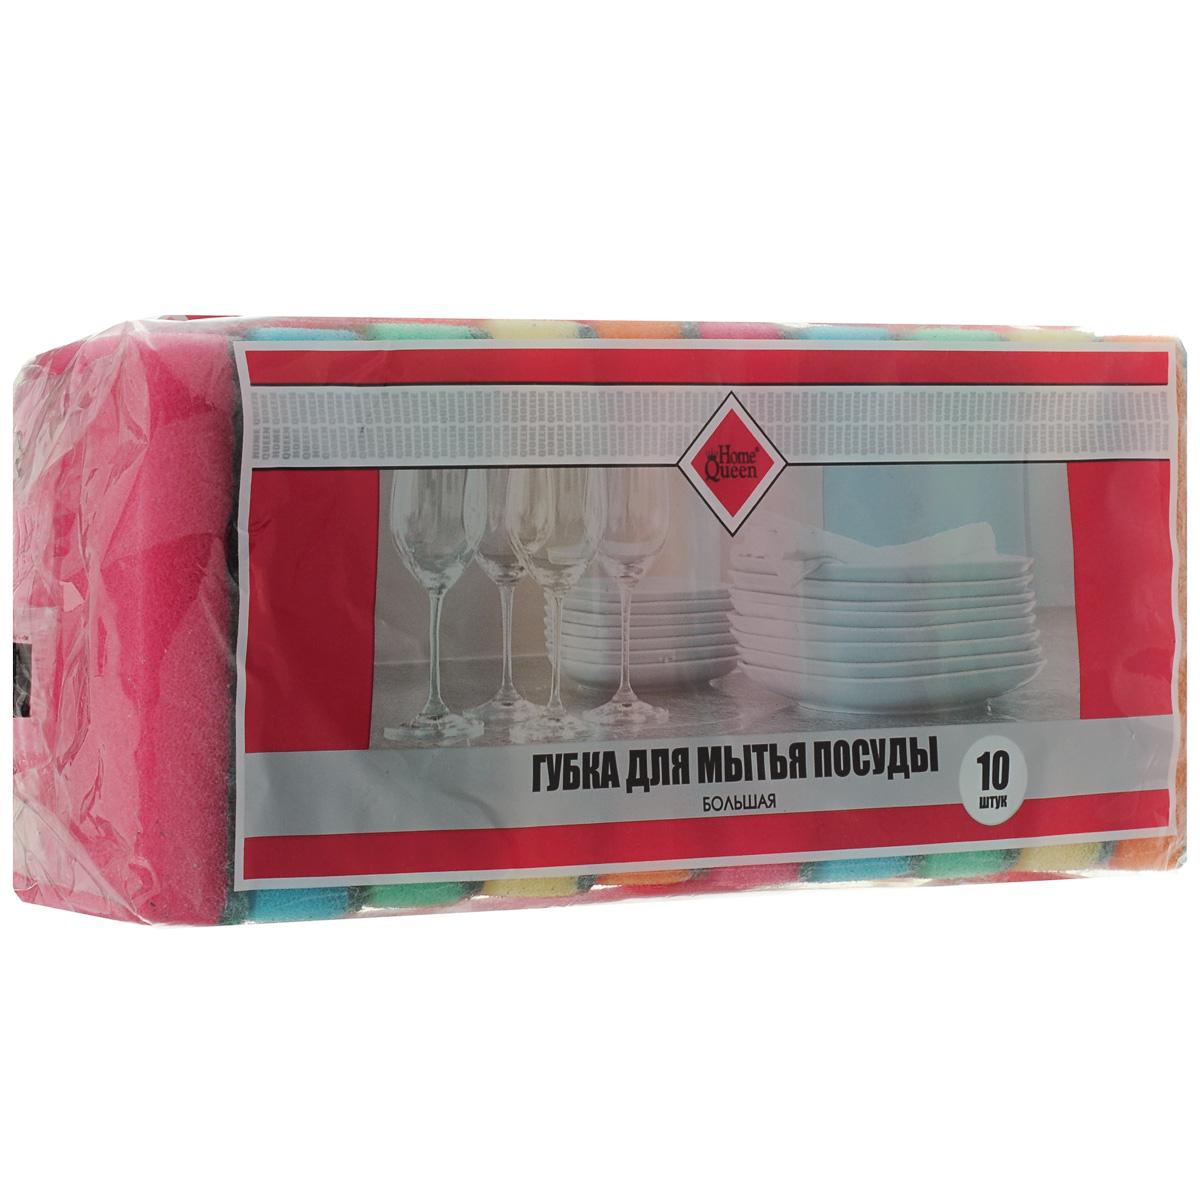 Губка для мытья посуды Home Queen, большая, 10 шт57128Губка для мытья посуды Home Queen выполнена из особо прочного поролона и фибры с абразивом. Предназначена для мытья посуды, столовых приборов, кухонной утвари, а также подходит для чистки поверхности плит, раковин, ванн и кафеля. Удобна в применении благодаря большому размеру. Размер губки: 9,5 см х 6 см х 2,4 см. Комплектация: 10 шт.